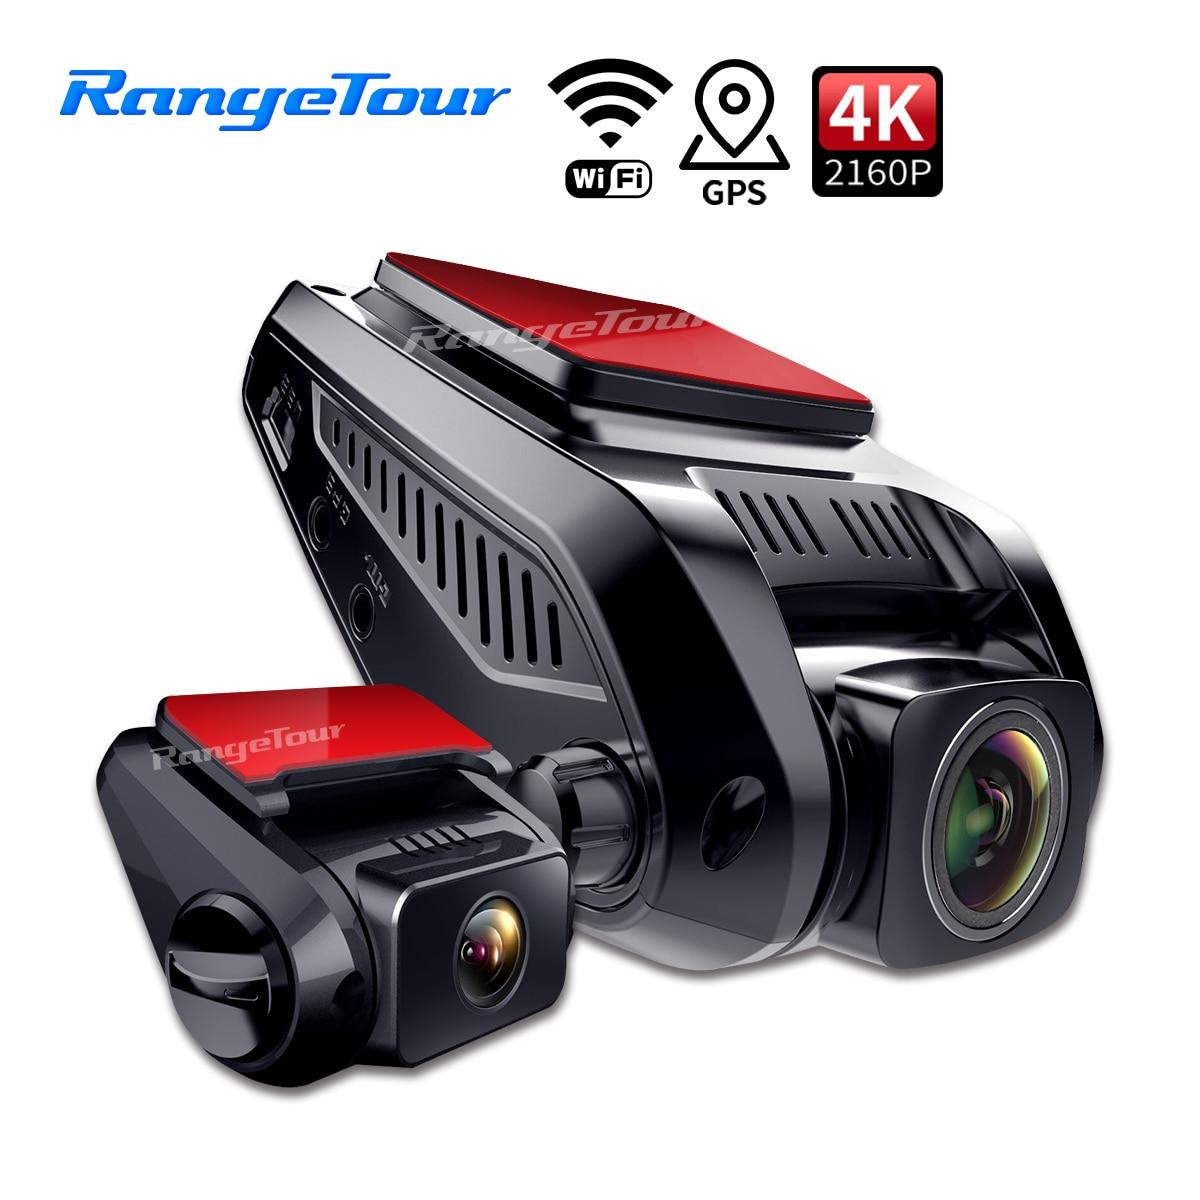 Видеорегистраторы для автомобилей Камера 4K 2160P Встроенный GPS WiFi ADAS Dash Cam передние и задние и 1080P вождения Регистраторы Обнаружение движения 24...